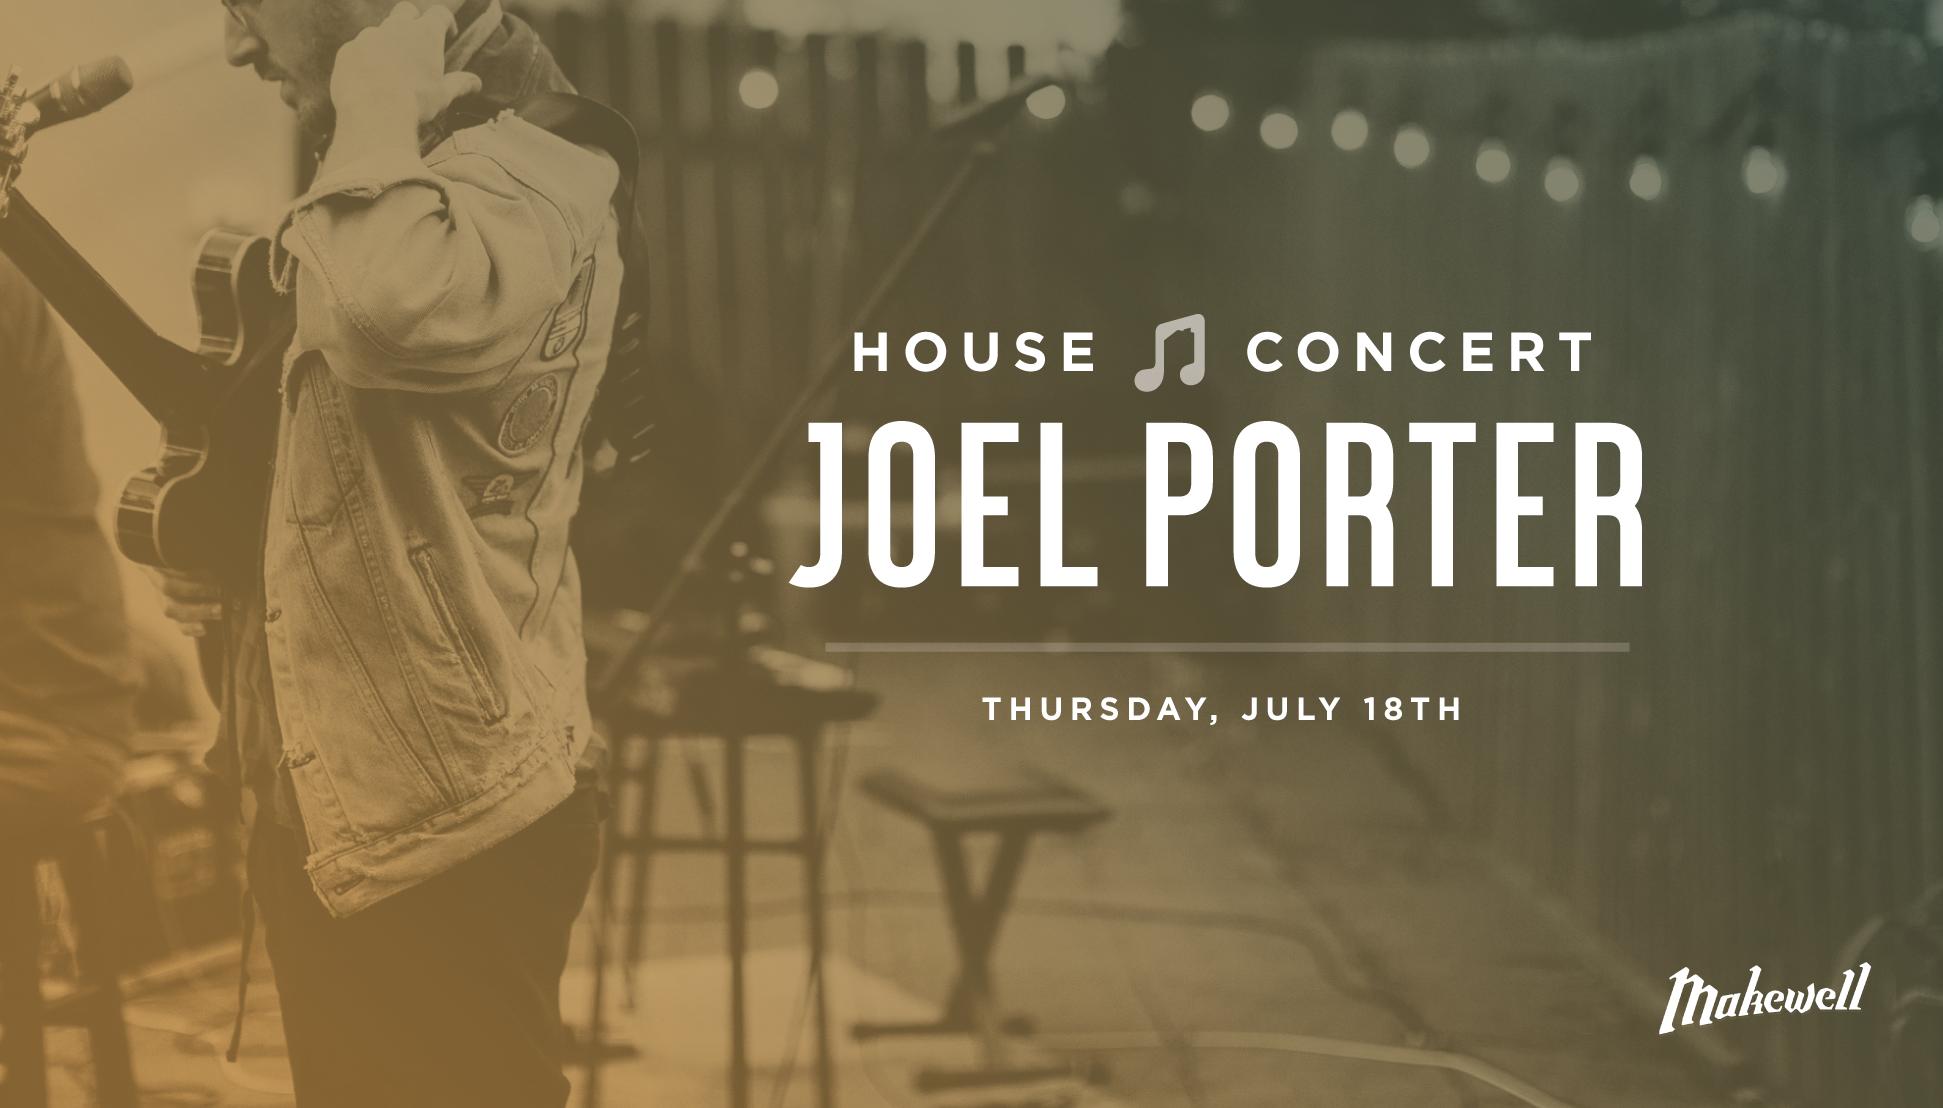 HouseConcert-JoelPorter.png